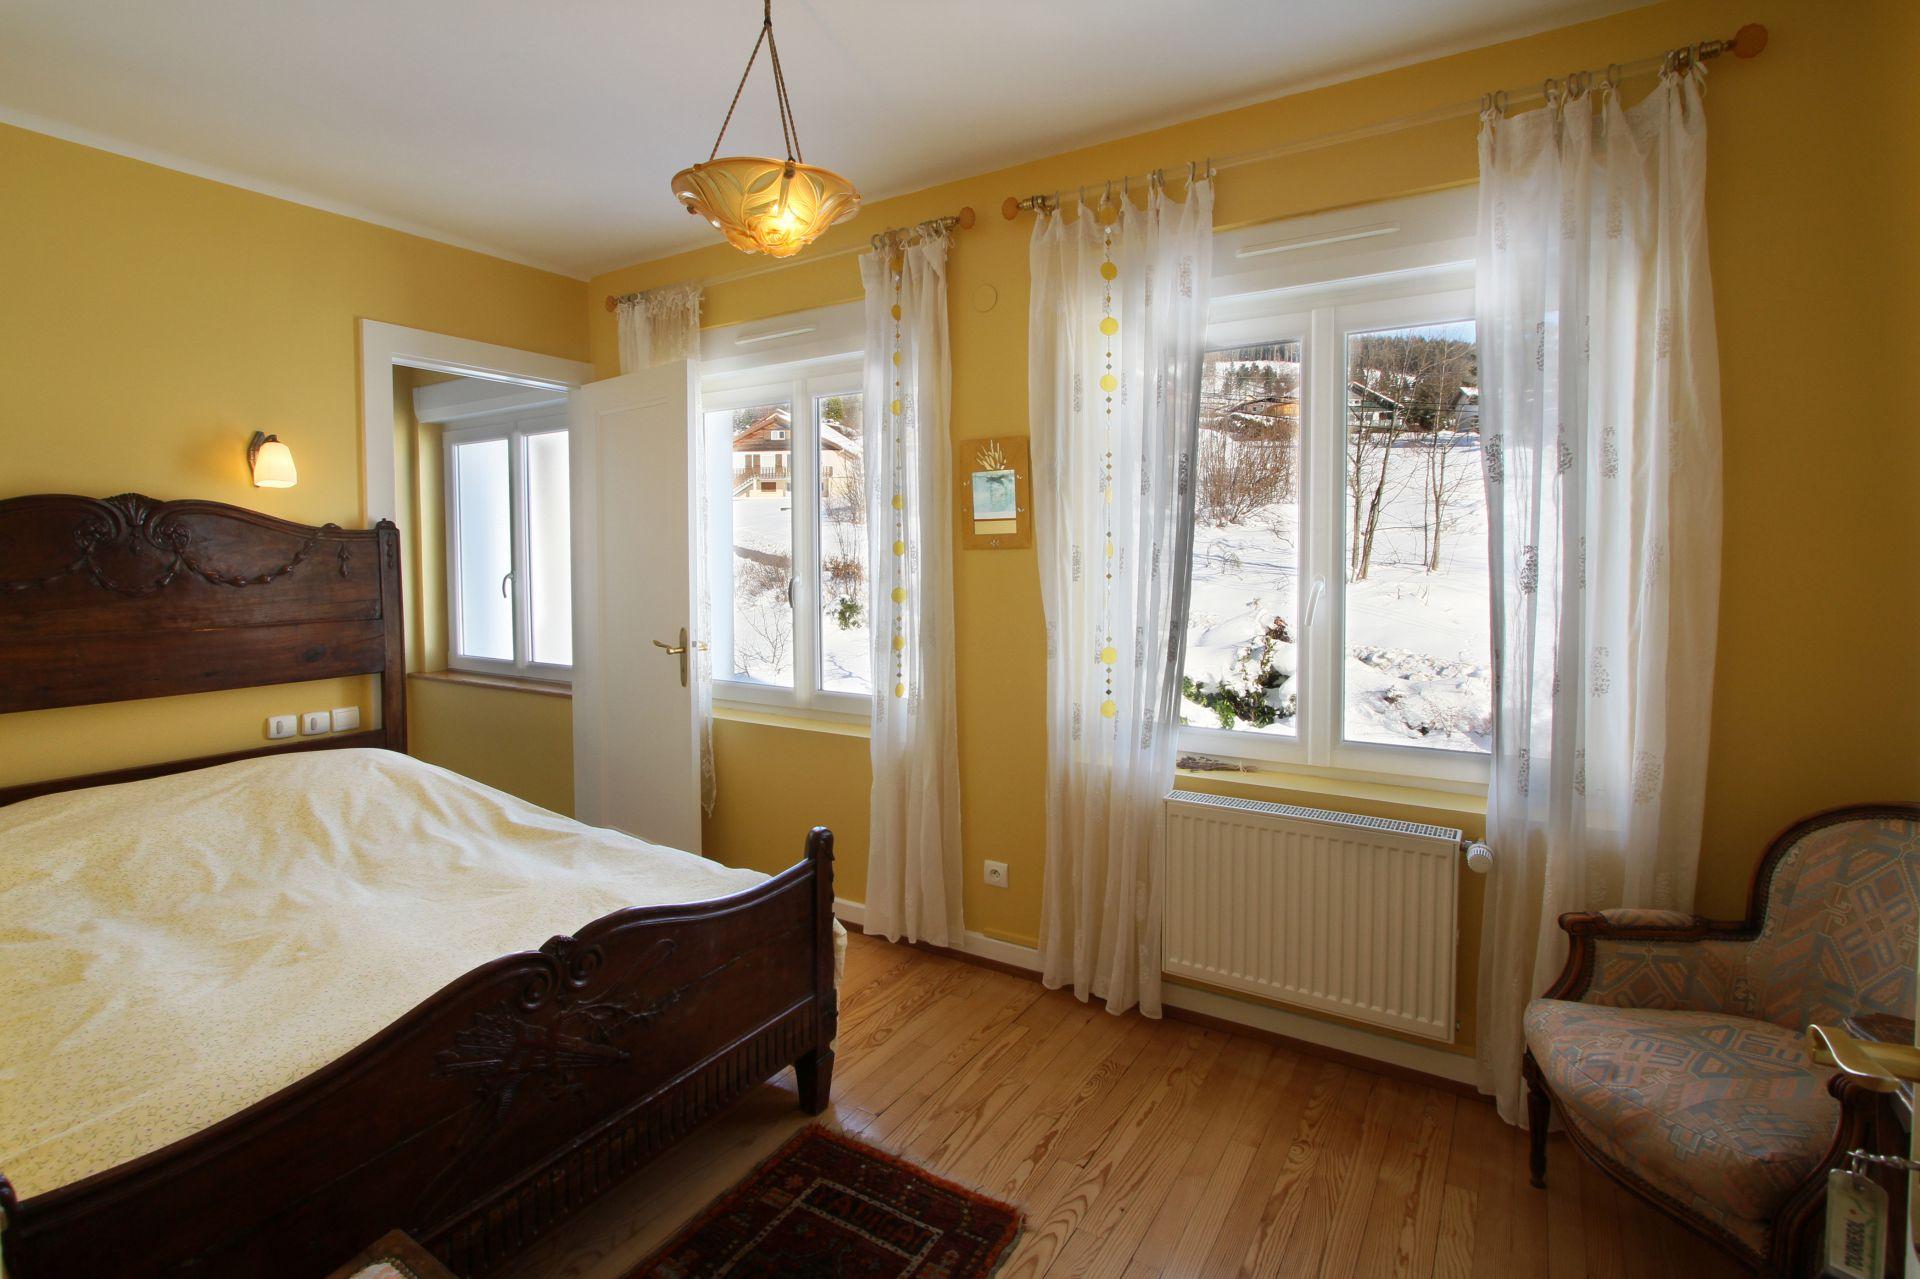 Chambres d hotes les grelines Lorraine Tourisme